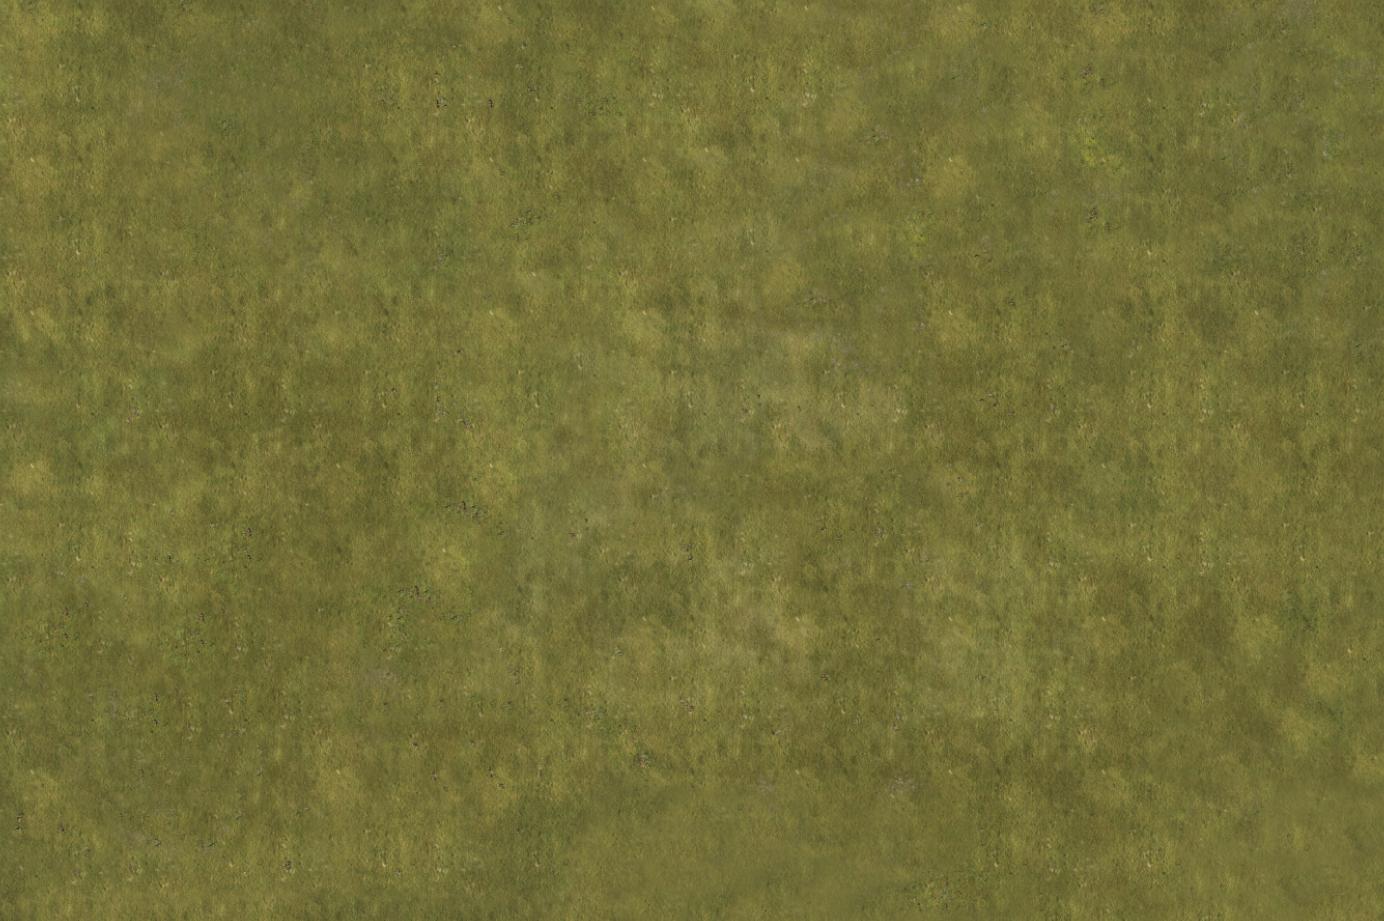 Grass with no rocks 6x4